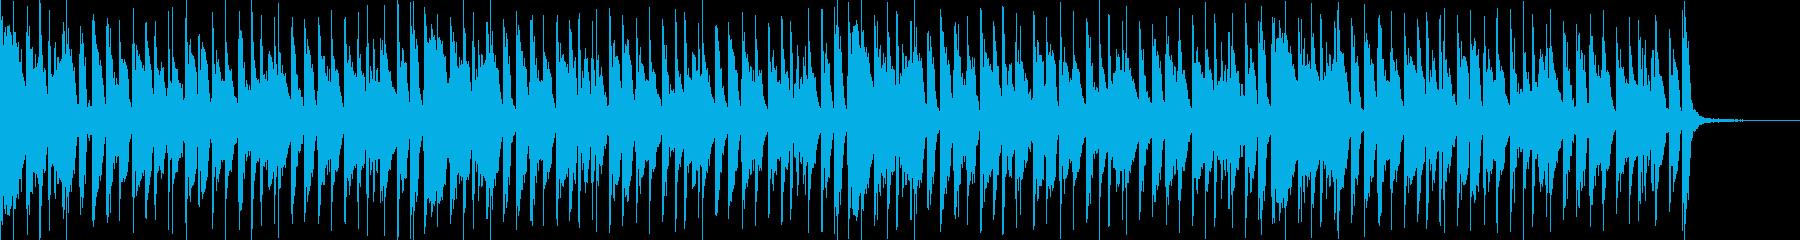 30秒CM/買い物/わくわく/ハッピーの再生済みの波形